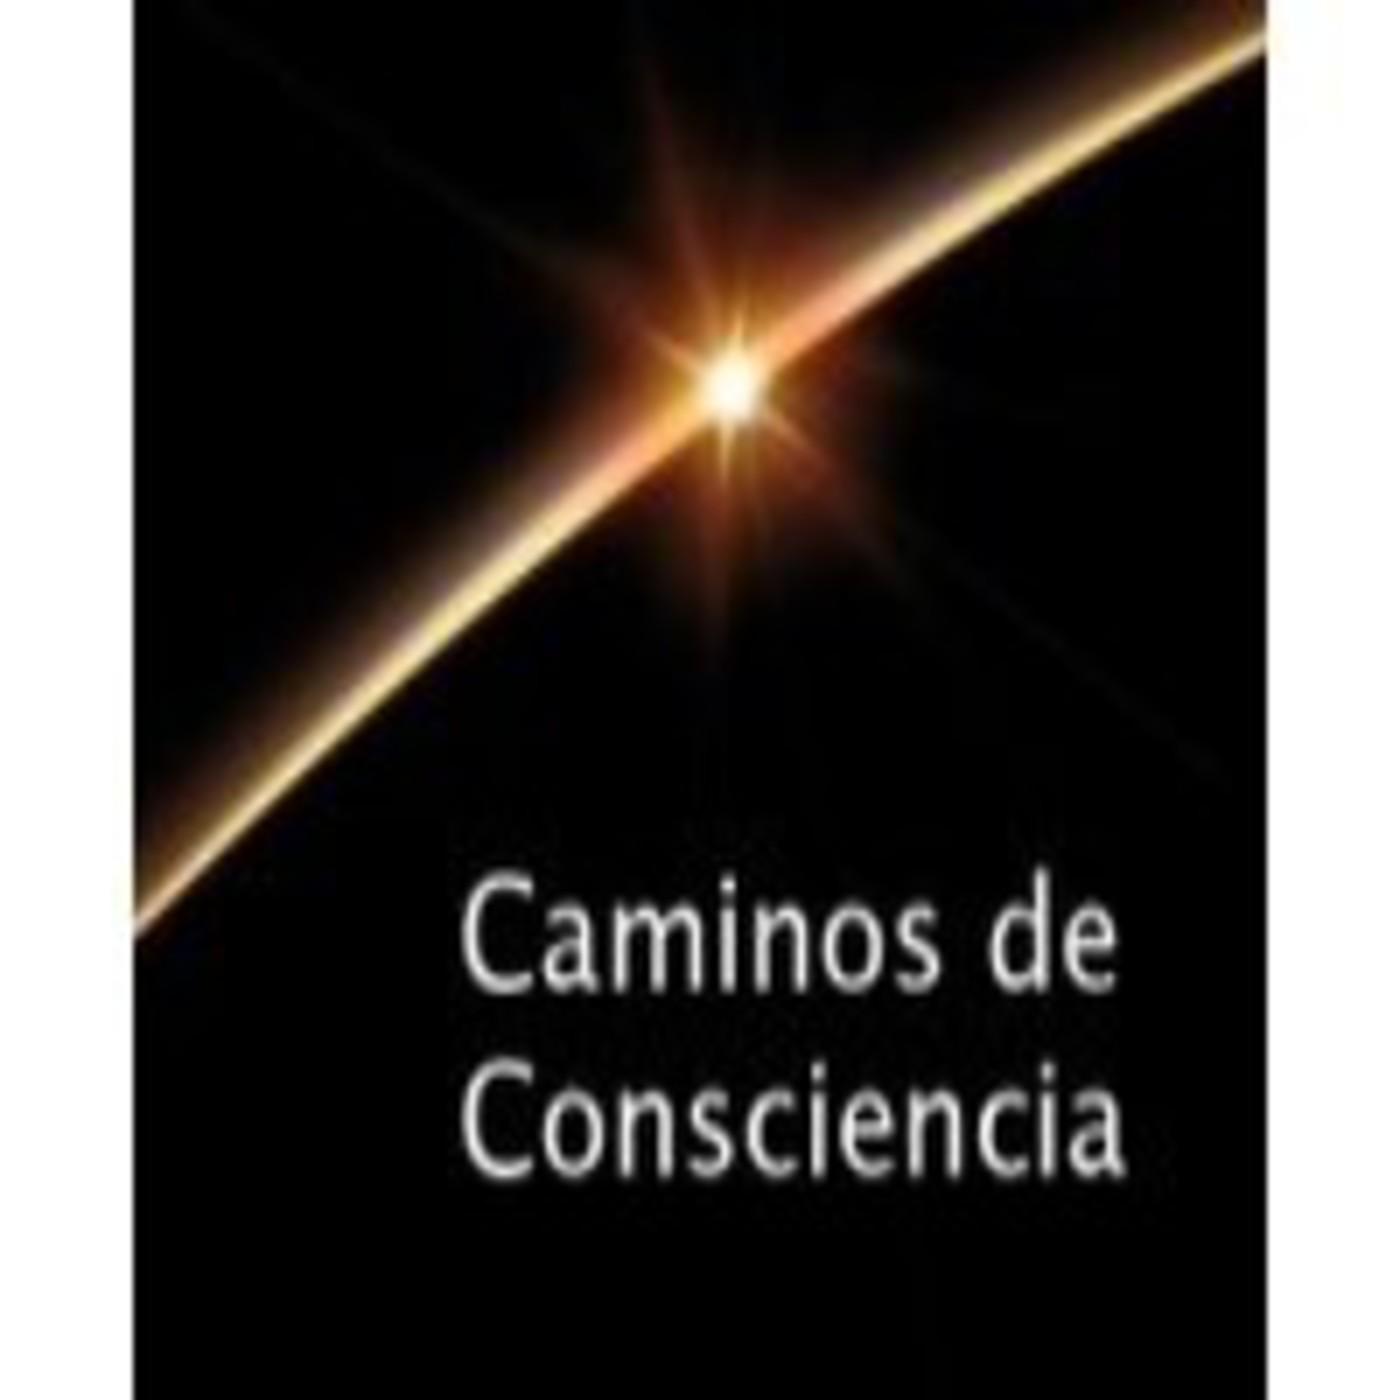 Caminos de Consciencia 1x09 - Las 7 leyes del Kybalion